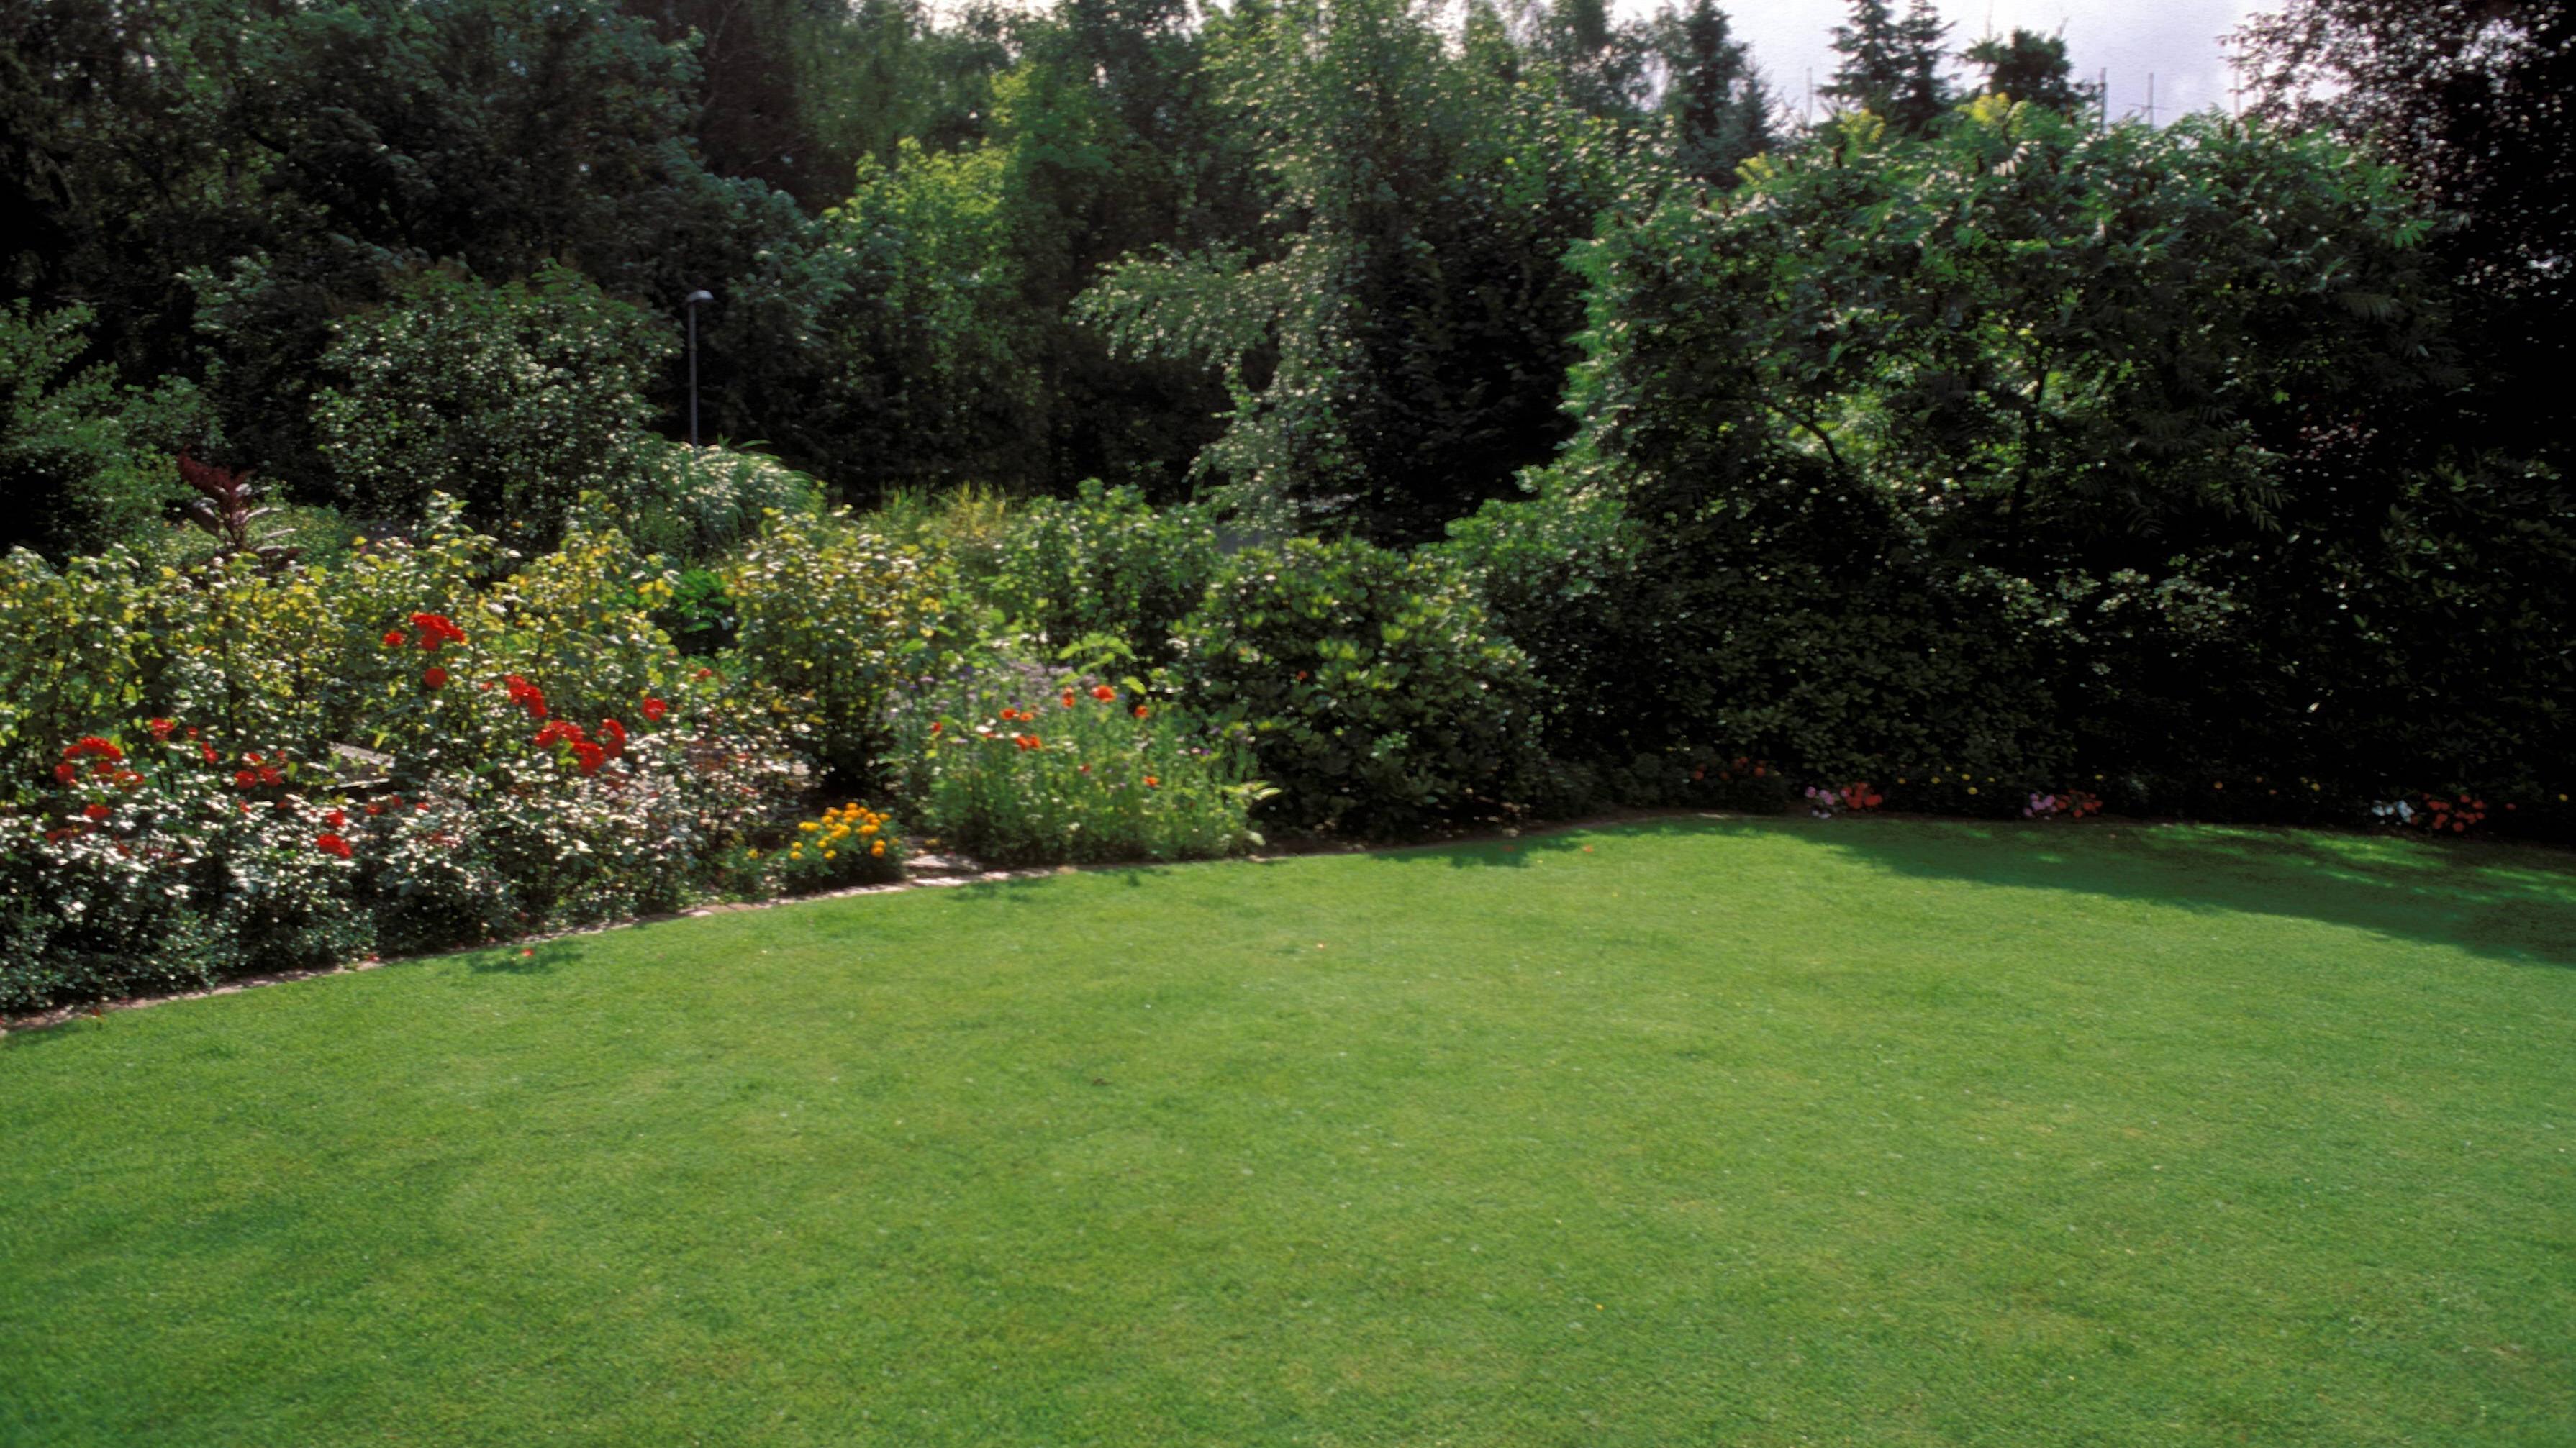 Die Rasenpflege im Sommer ist eine besondere Herausforderung.